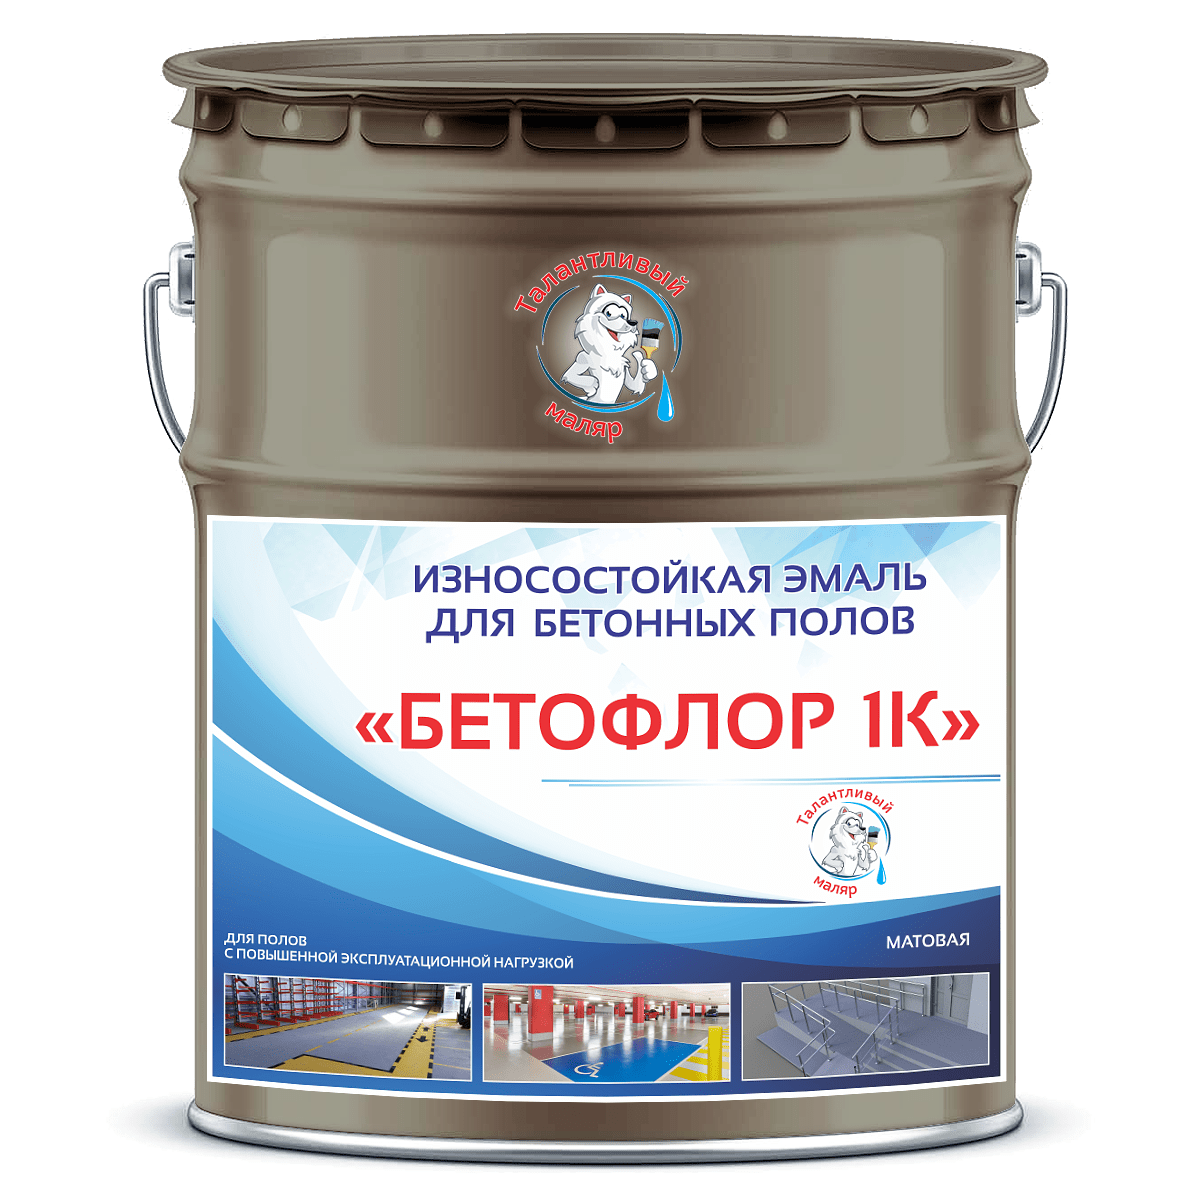 """Фото 13 - BF7013 Эмаль для бетонных полов """"Бетофлор"""" 1К цвет RAL 7013 Коричнево-серый, матовая износостойкая, 25 кг """"Талантливый Маляр""""."""